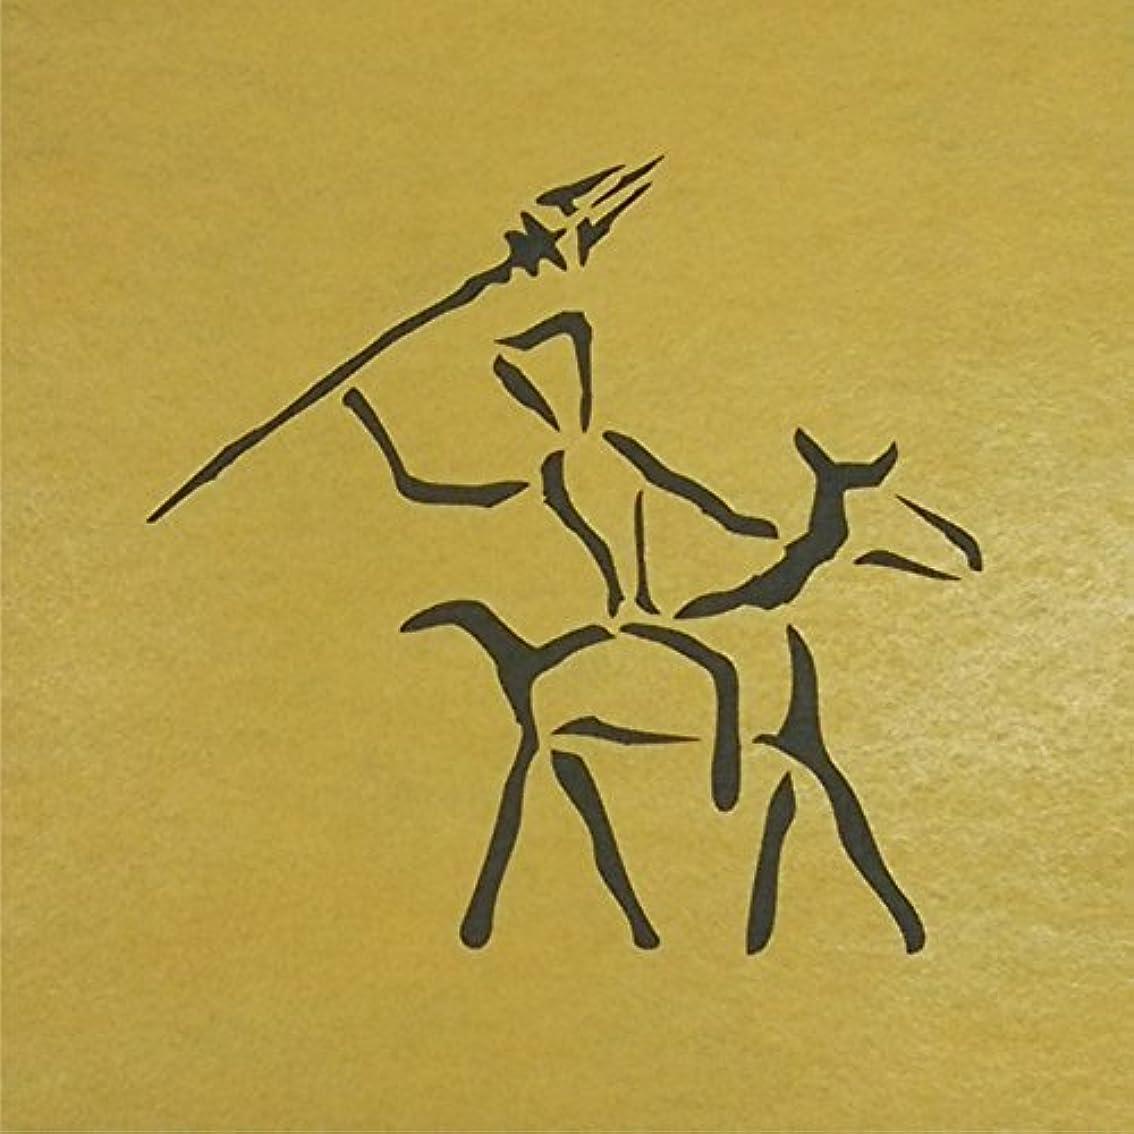 マサッチョネイティブ剃るステンシルシート 壁画 3サイズ型紙  (30cm)